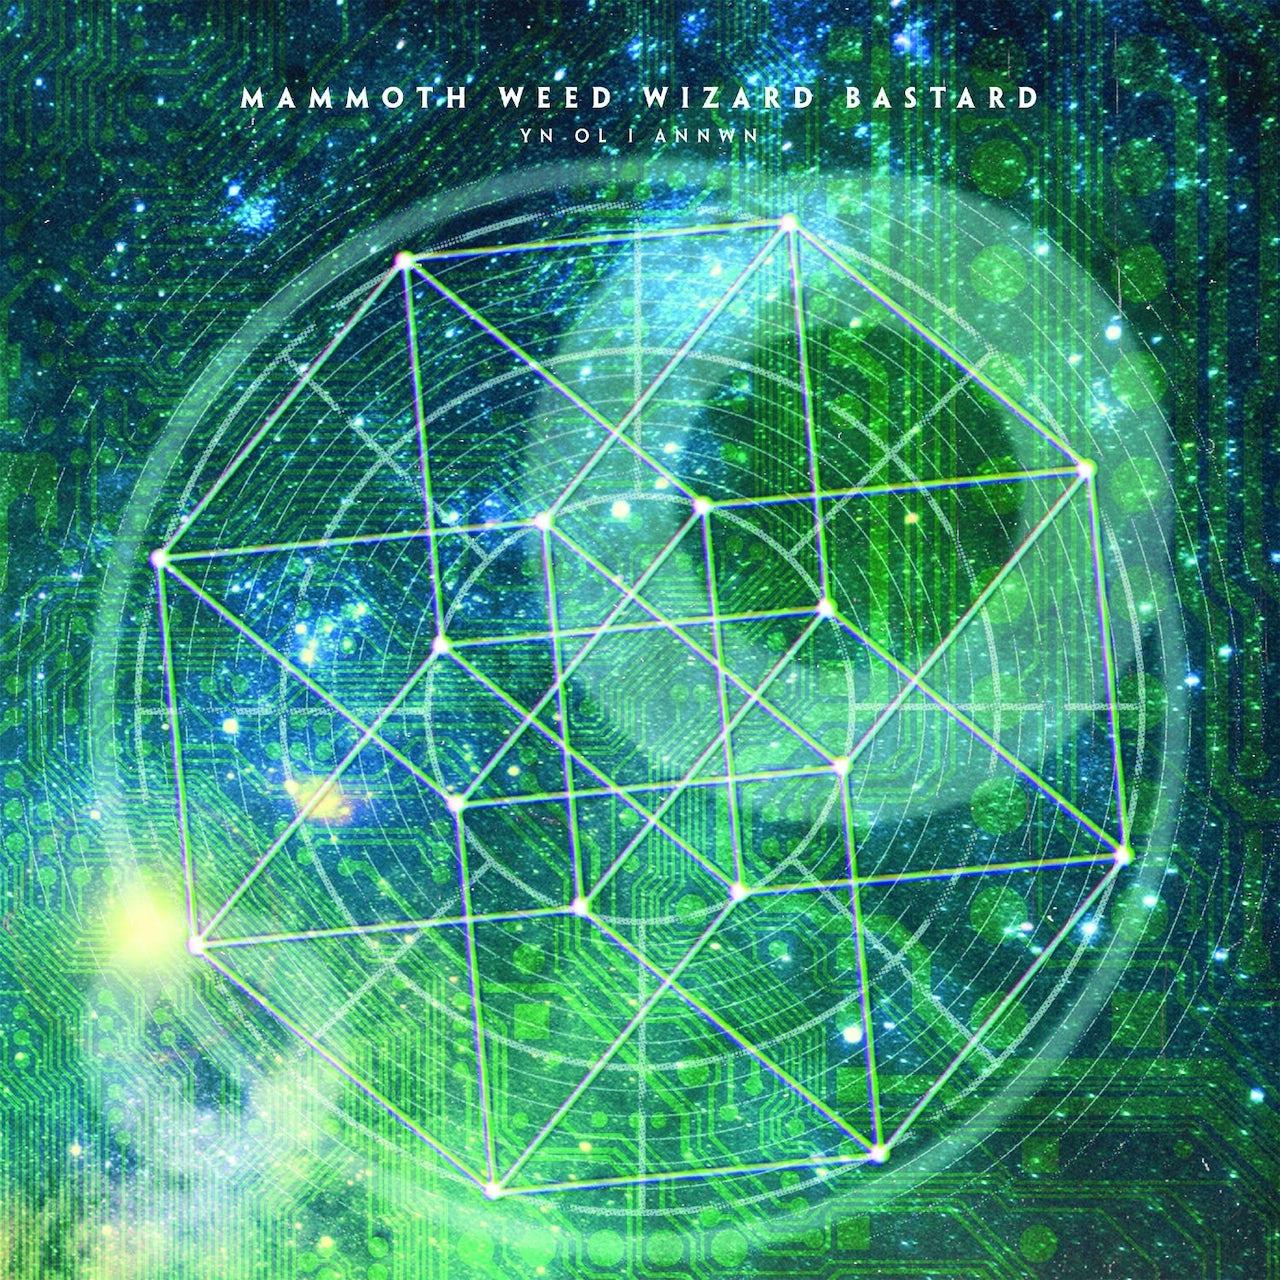 MAMMOTH WEED WIZARD BASTARD Yn Ol I Annwn' Vinyl Record